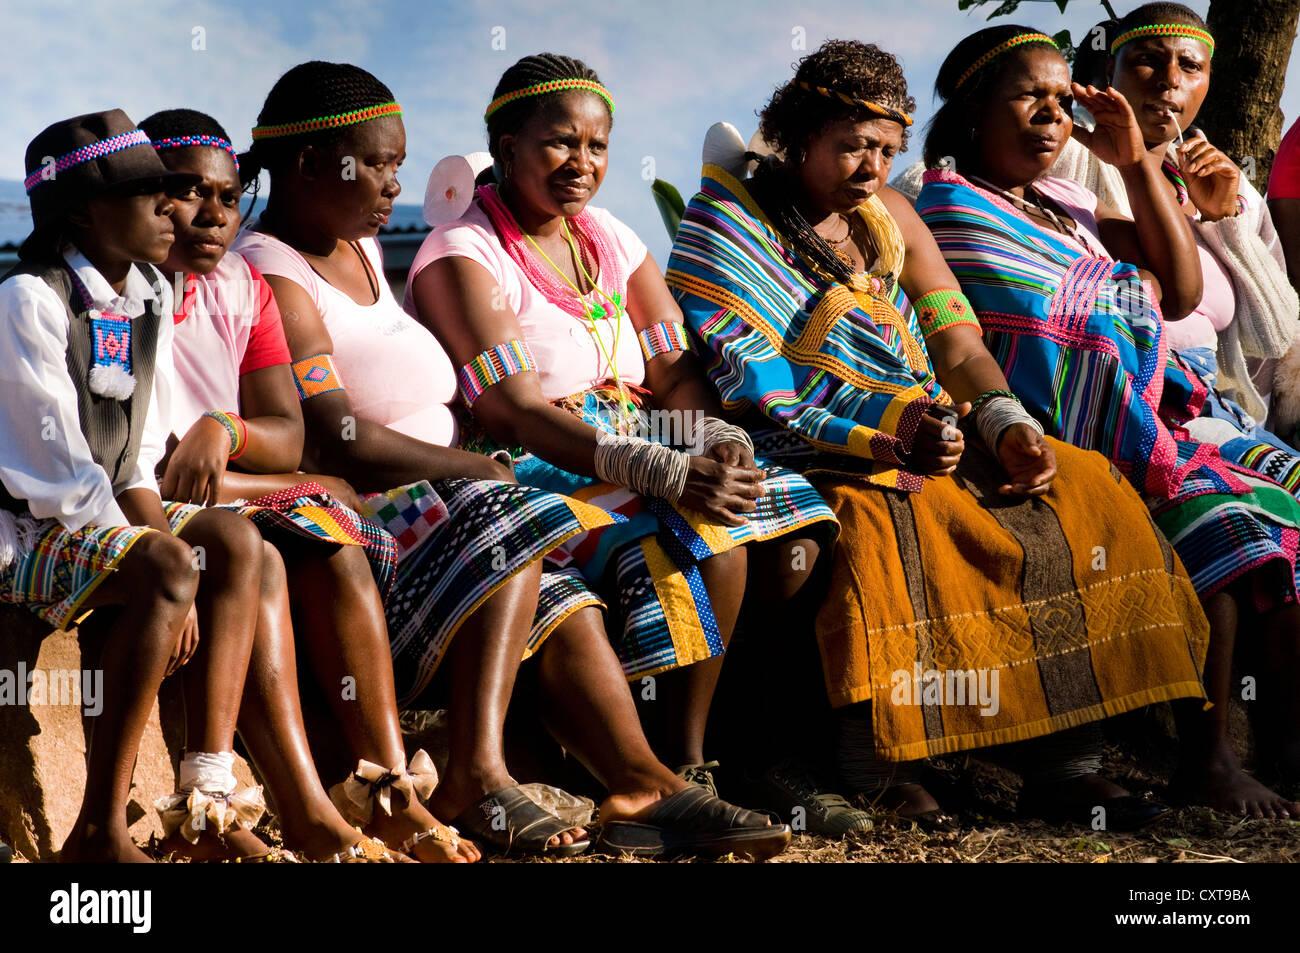 Las mujeres en una fiesta tradicional, Venda, Limpopo, Sudáfrica, África Imagen De Stock